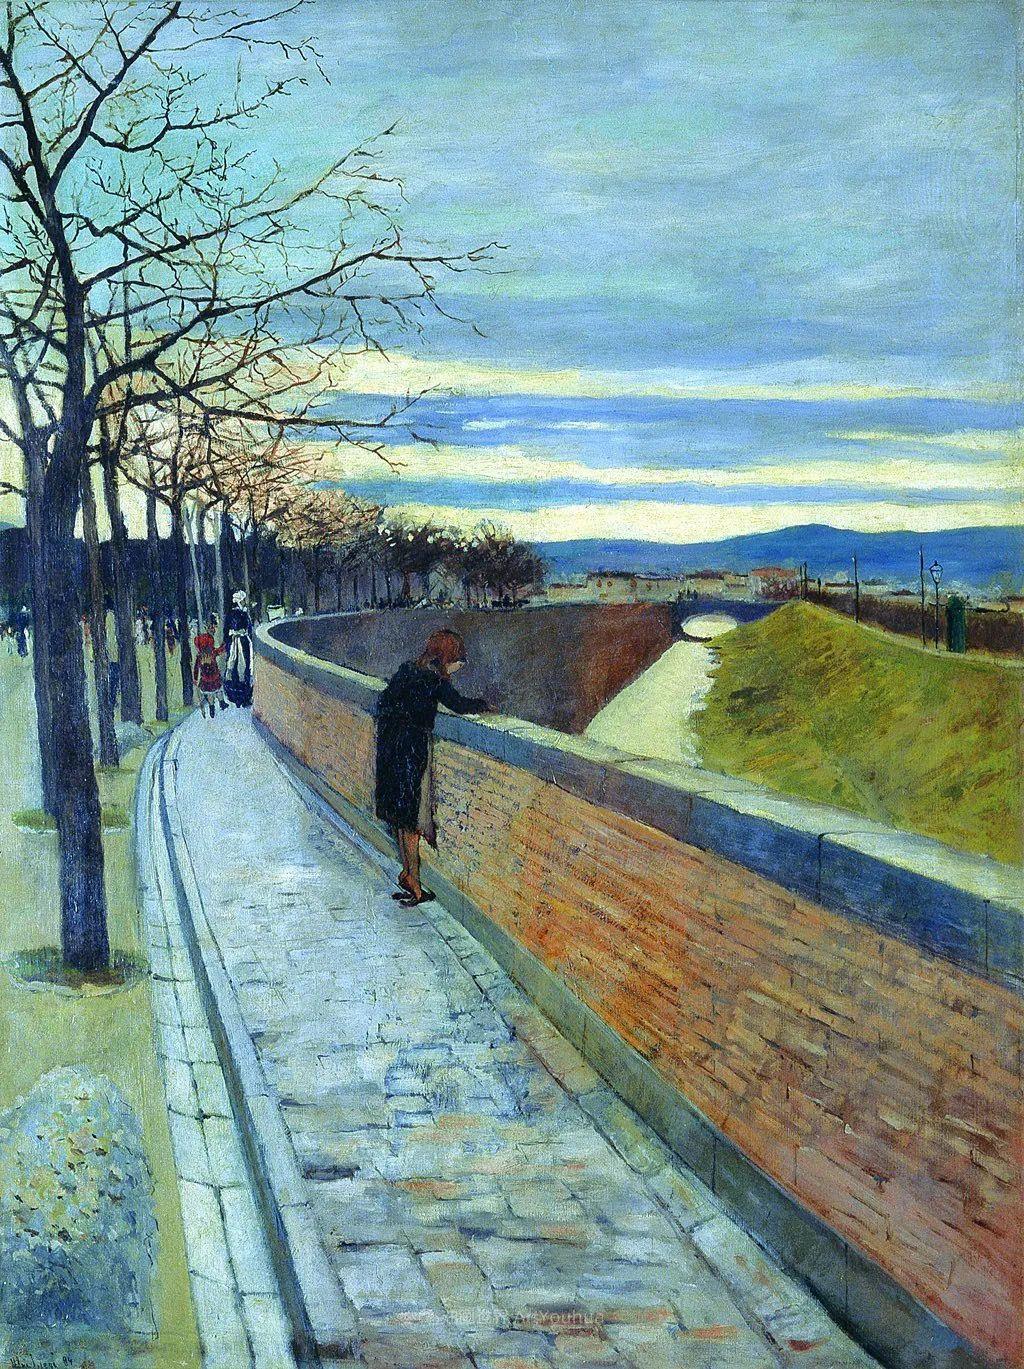 后斑痕画派的著名代表,意大利画家乌尔维·利吉插图41